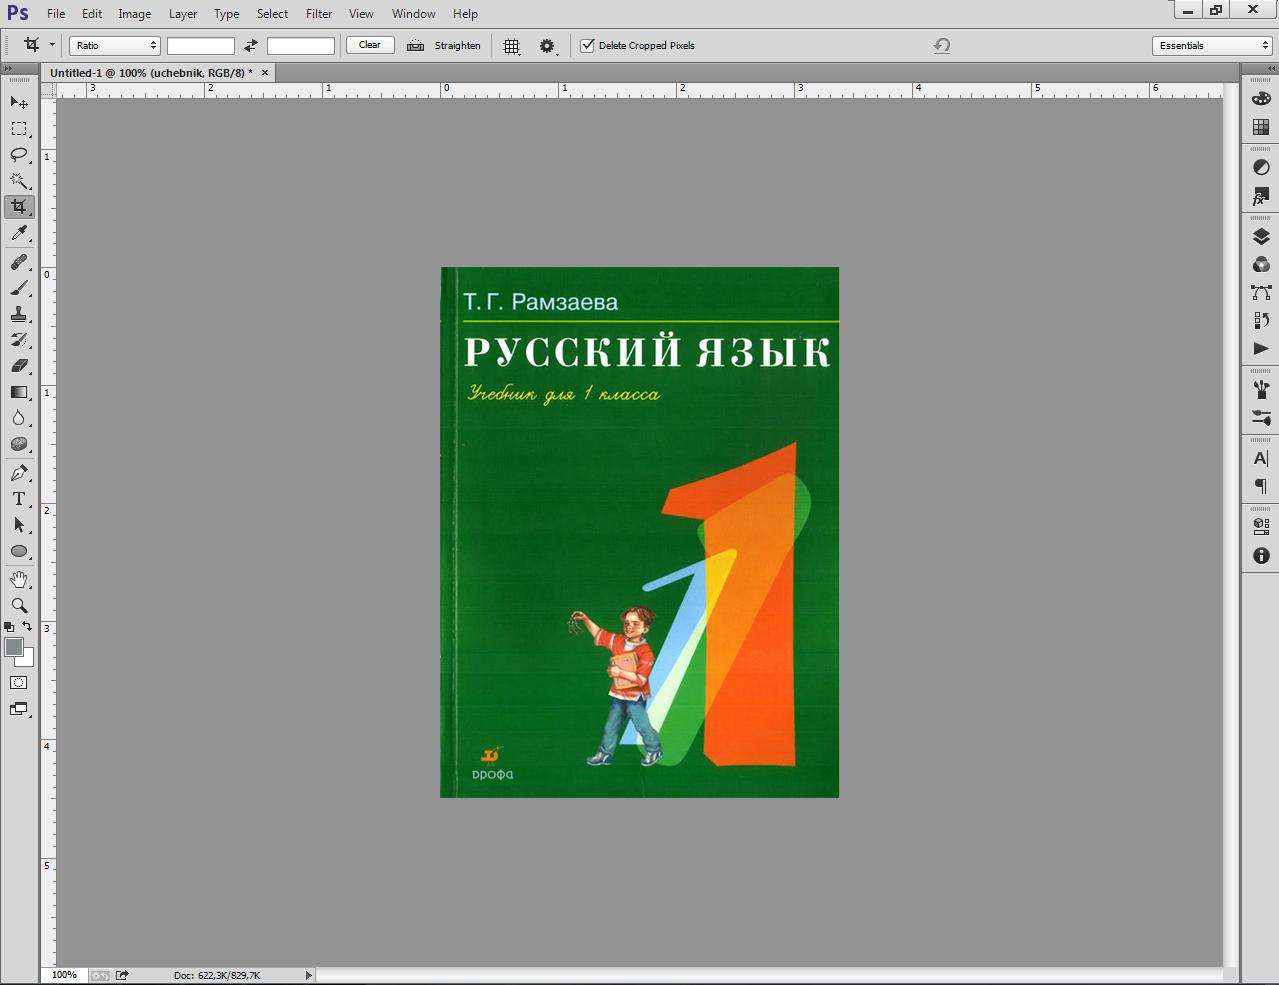 Как в фотошопе сделать обложку